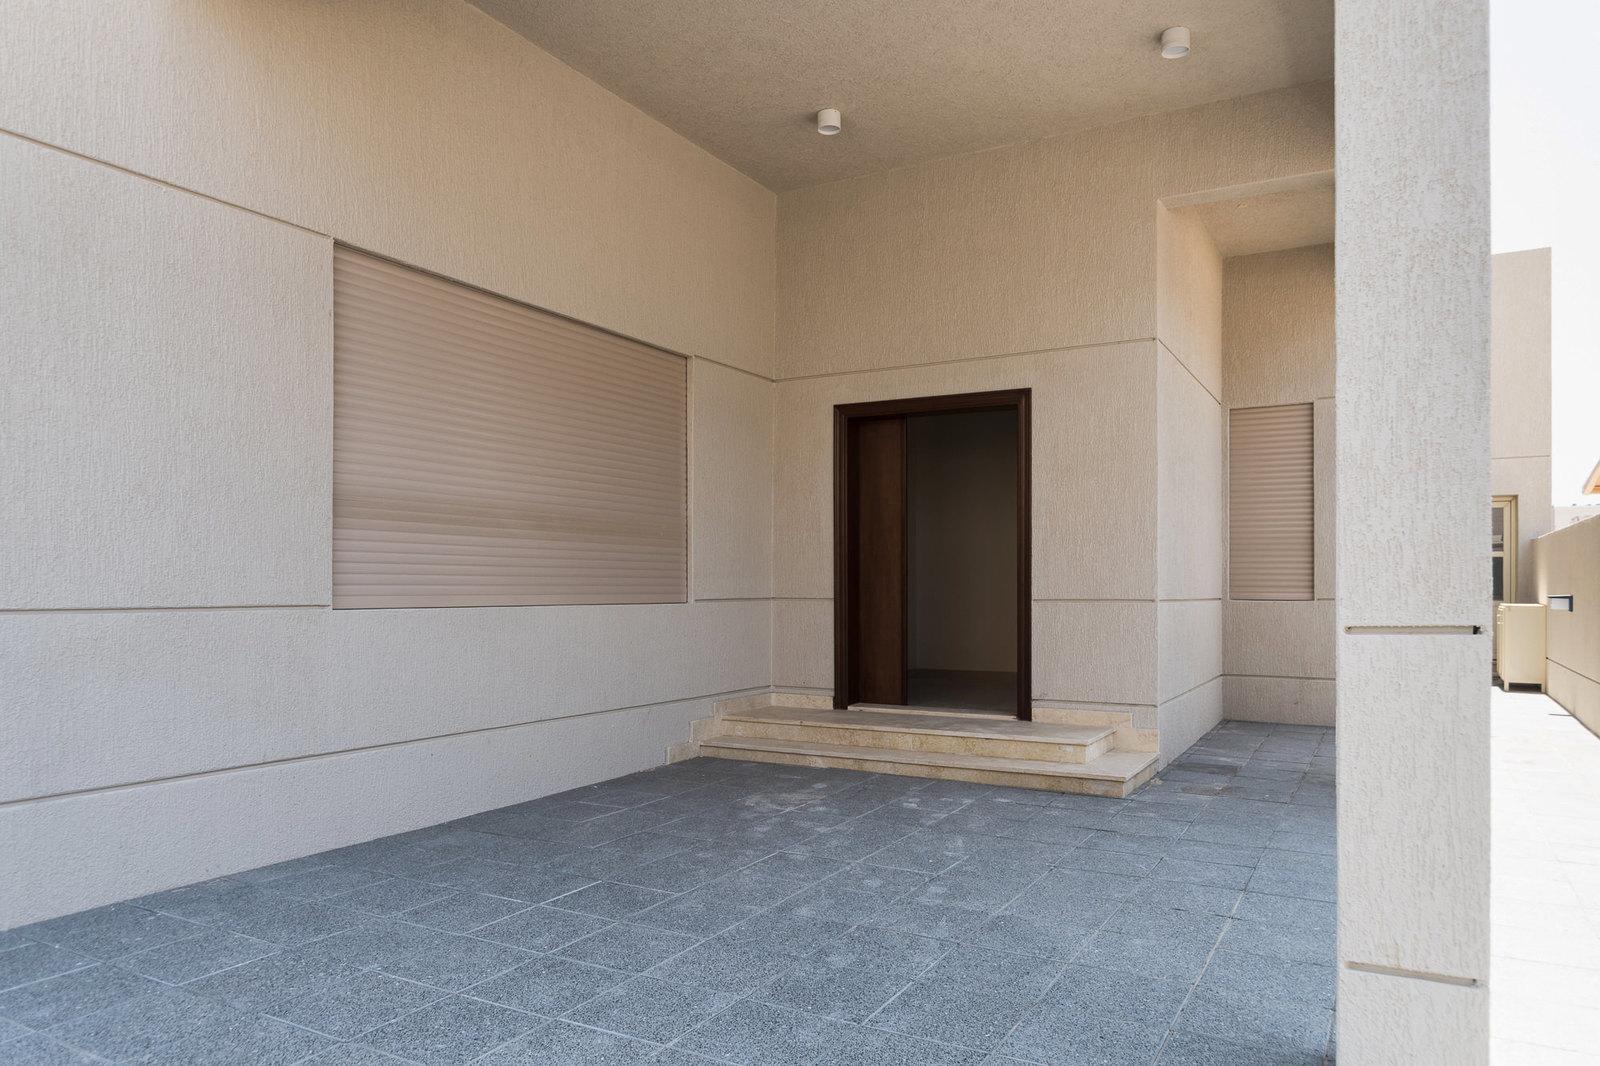 Siddeeq – large, new, corner, unfurnished five bedroom villa w/yard